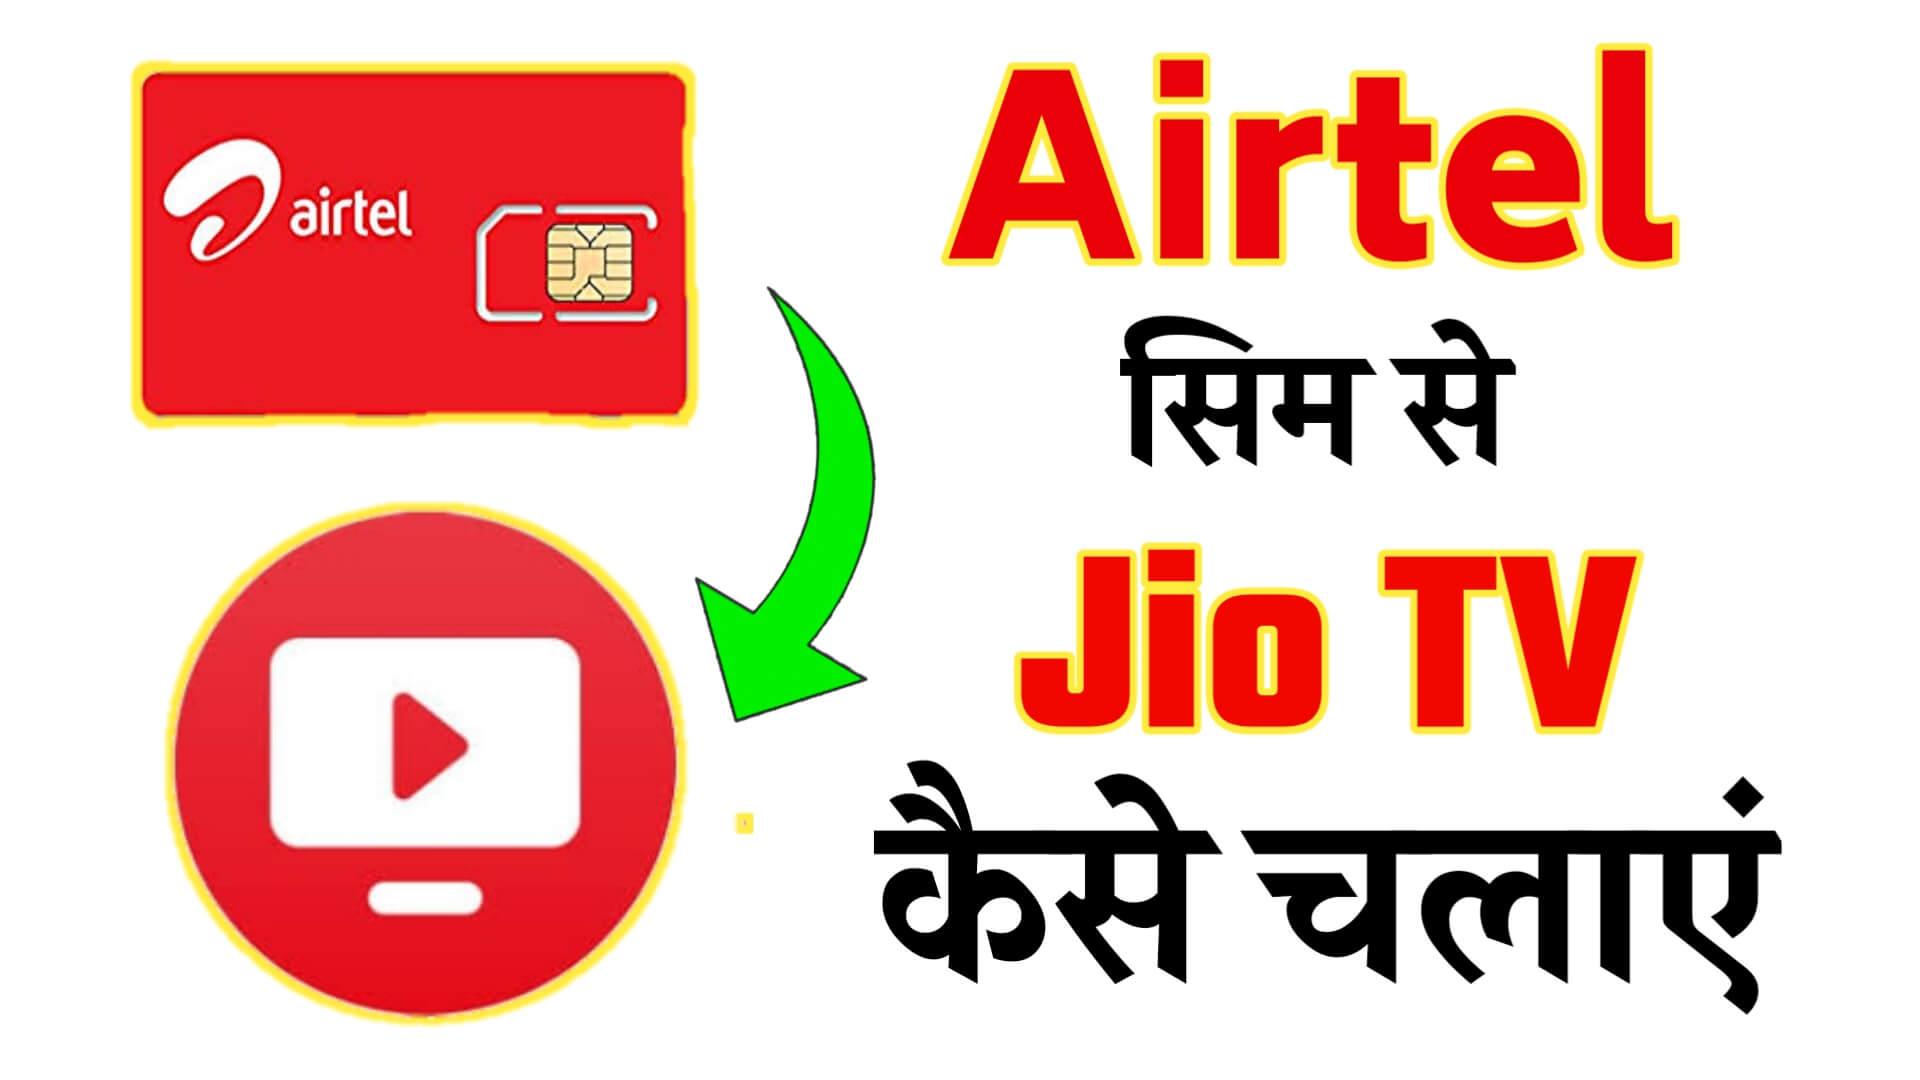 Airtel सिम से Jio TV कैसे चलाए